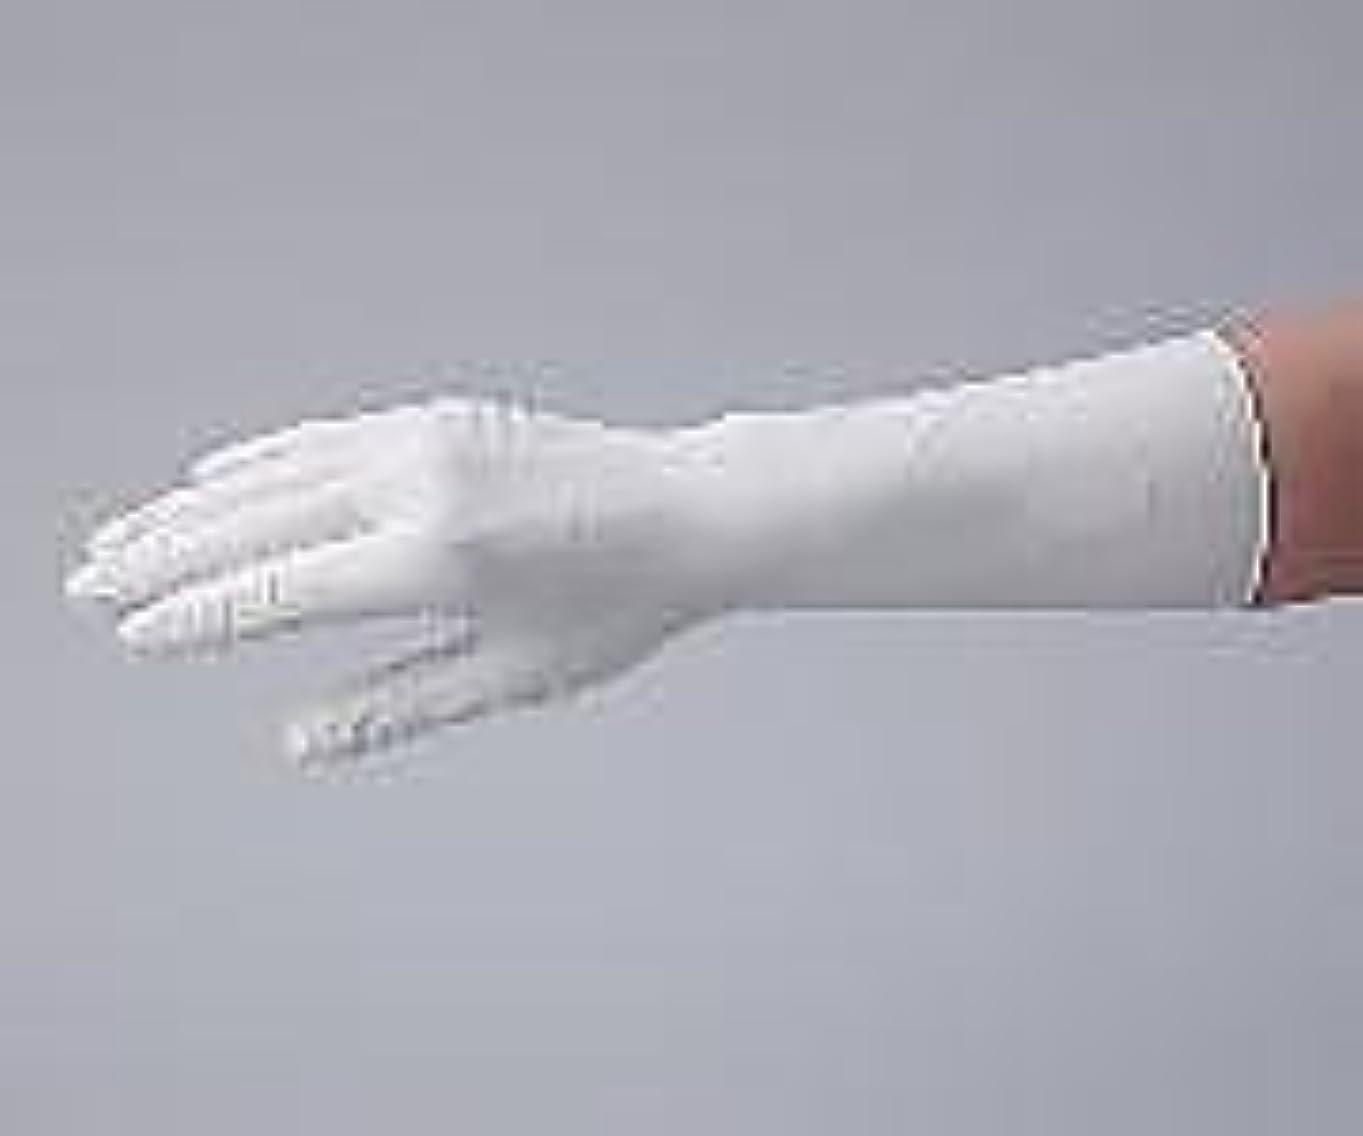 持ってるつぶす膜アズピュア(アズワン)1-2324-53アズピュアクリーンファーストニトリル手袋(ペアタイプ)クリーンパックM左右各50枚×10袋入